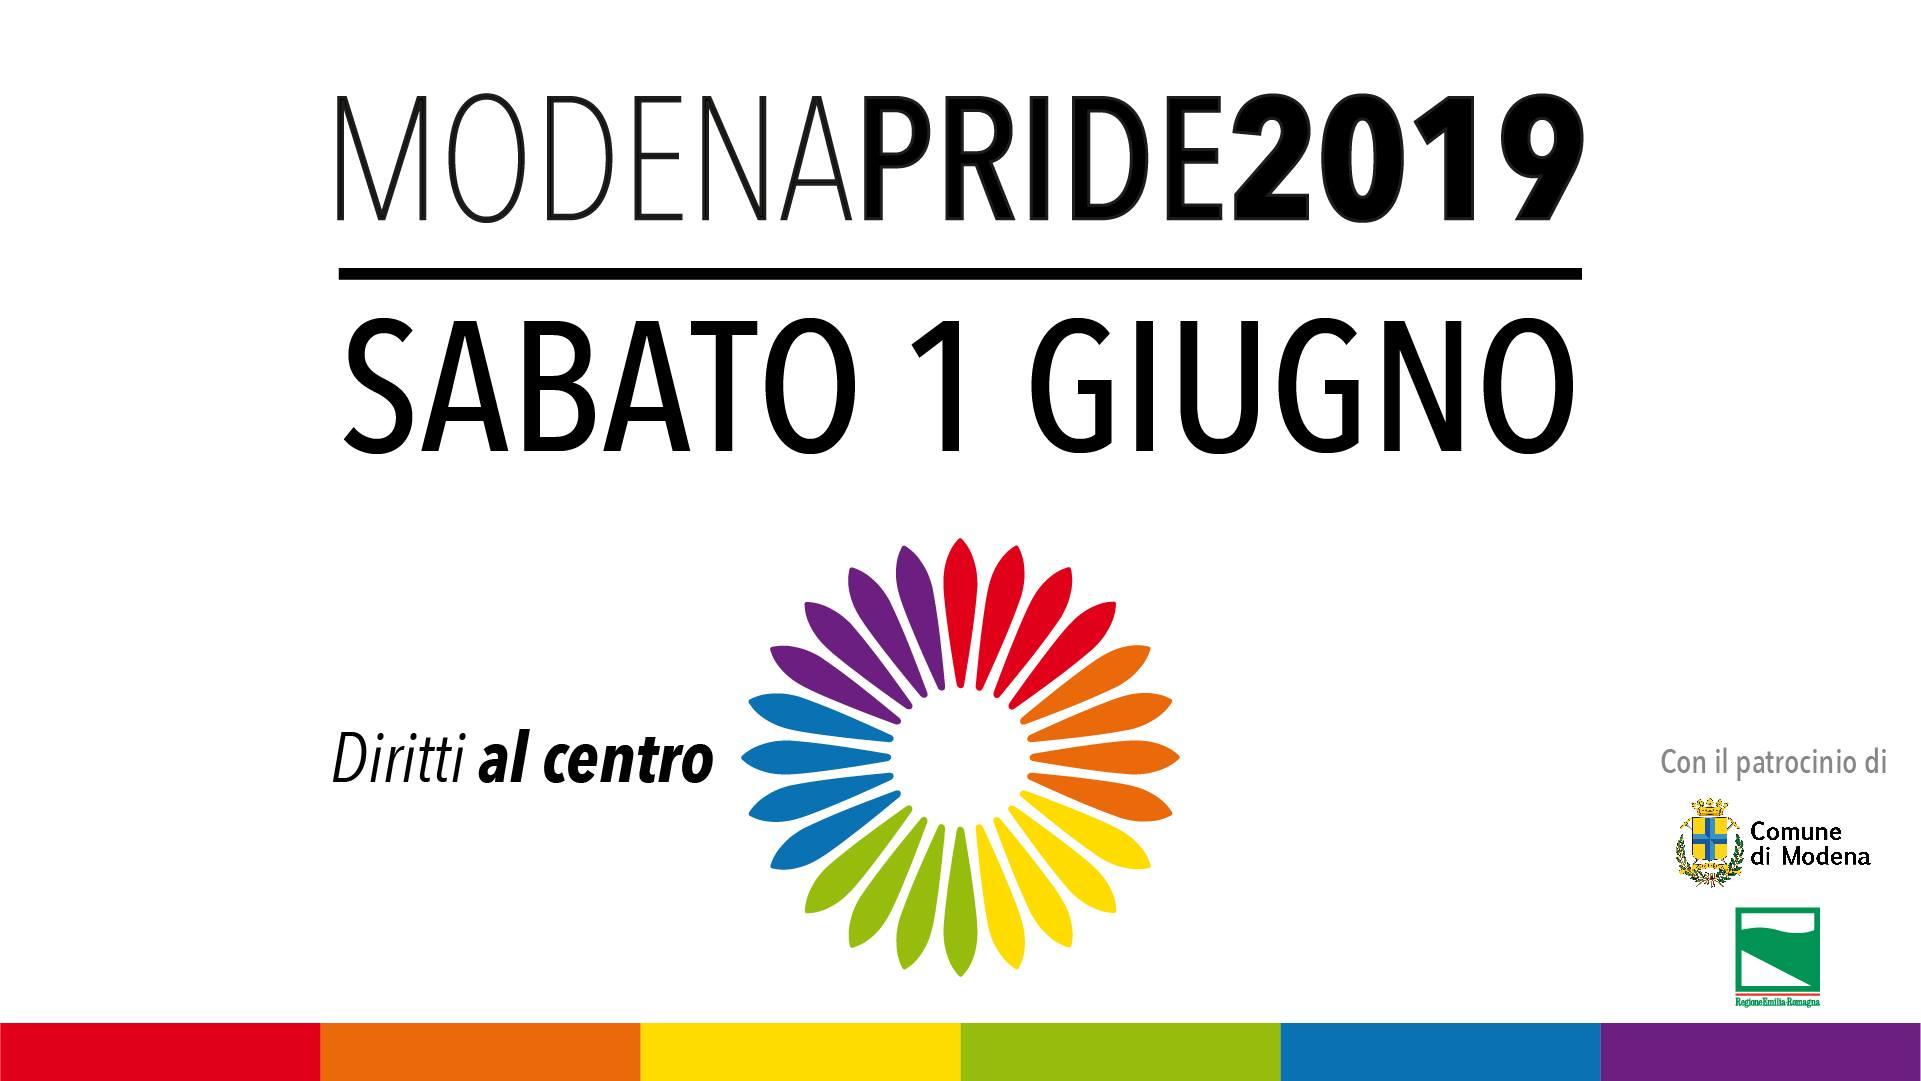 Modena Pride